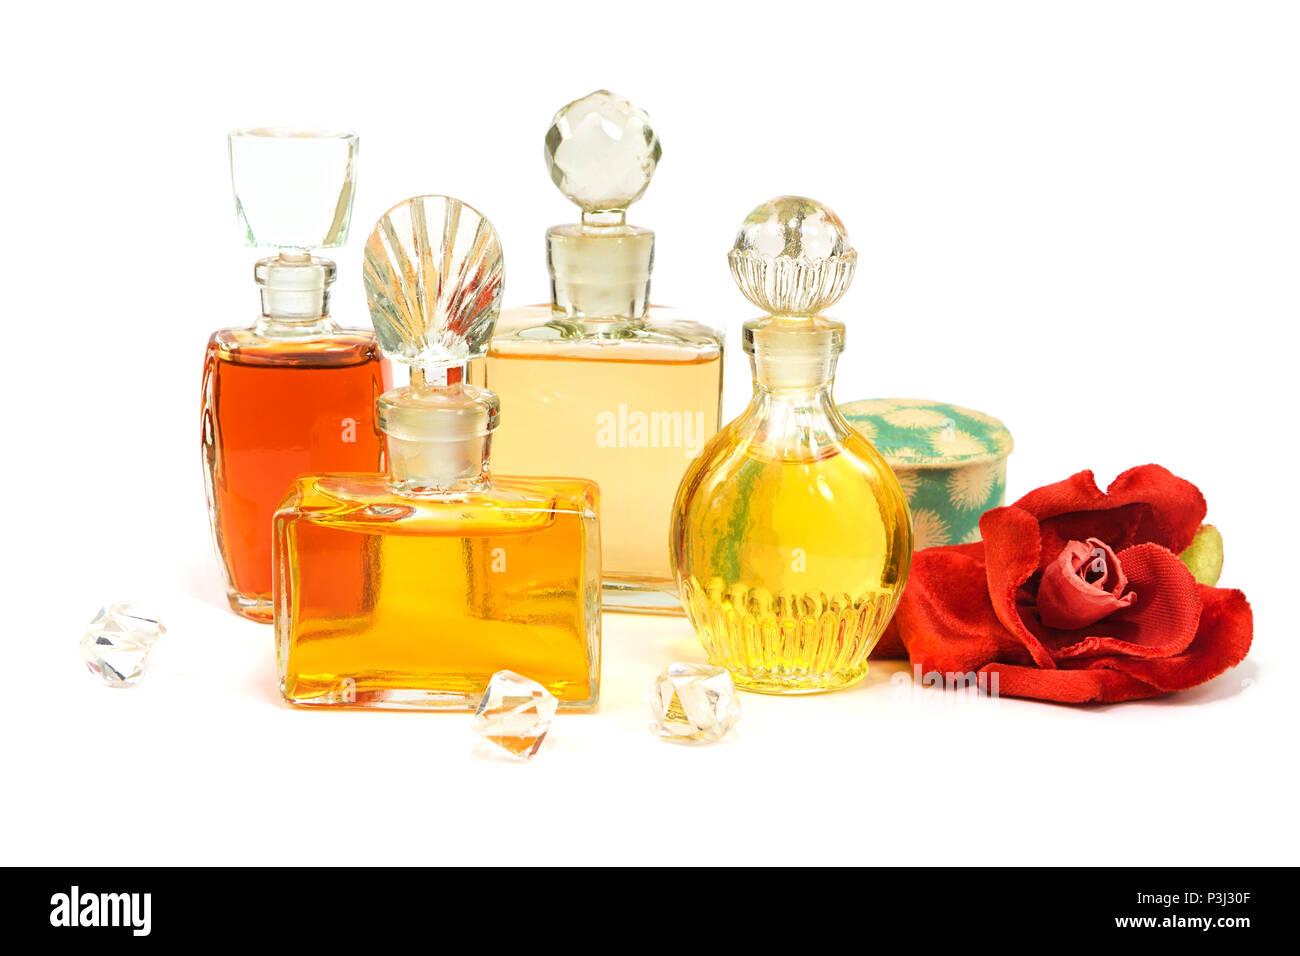 Flacons De Parfum Vintage Avec Les Bouchons En Verre Vieille Poudre